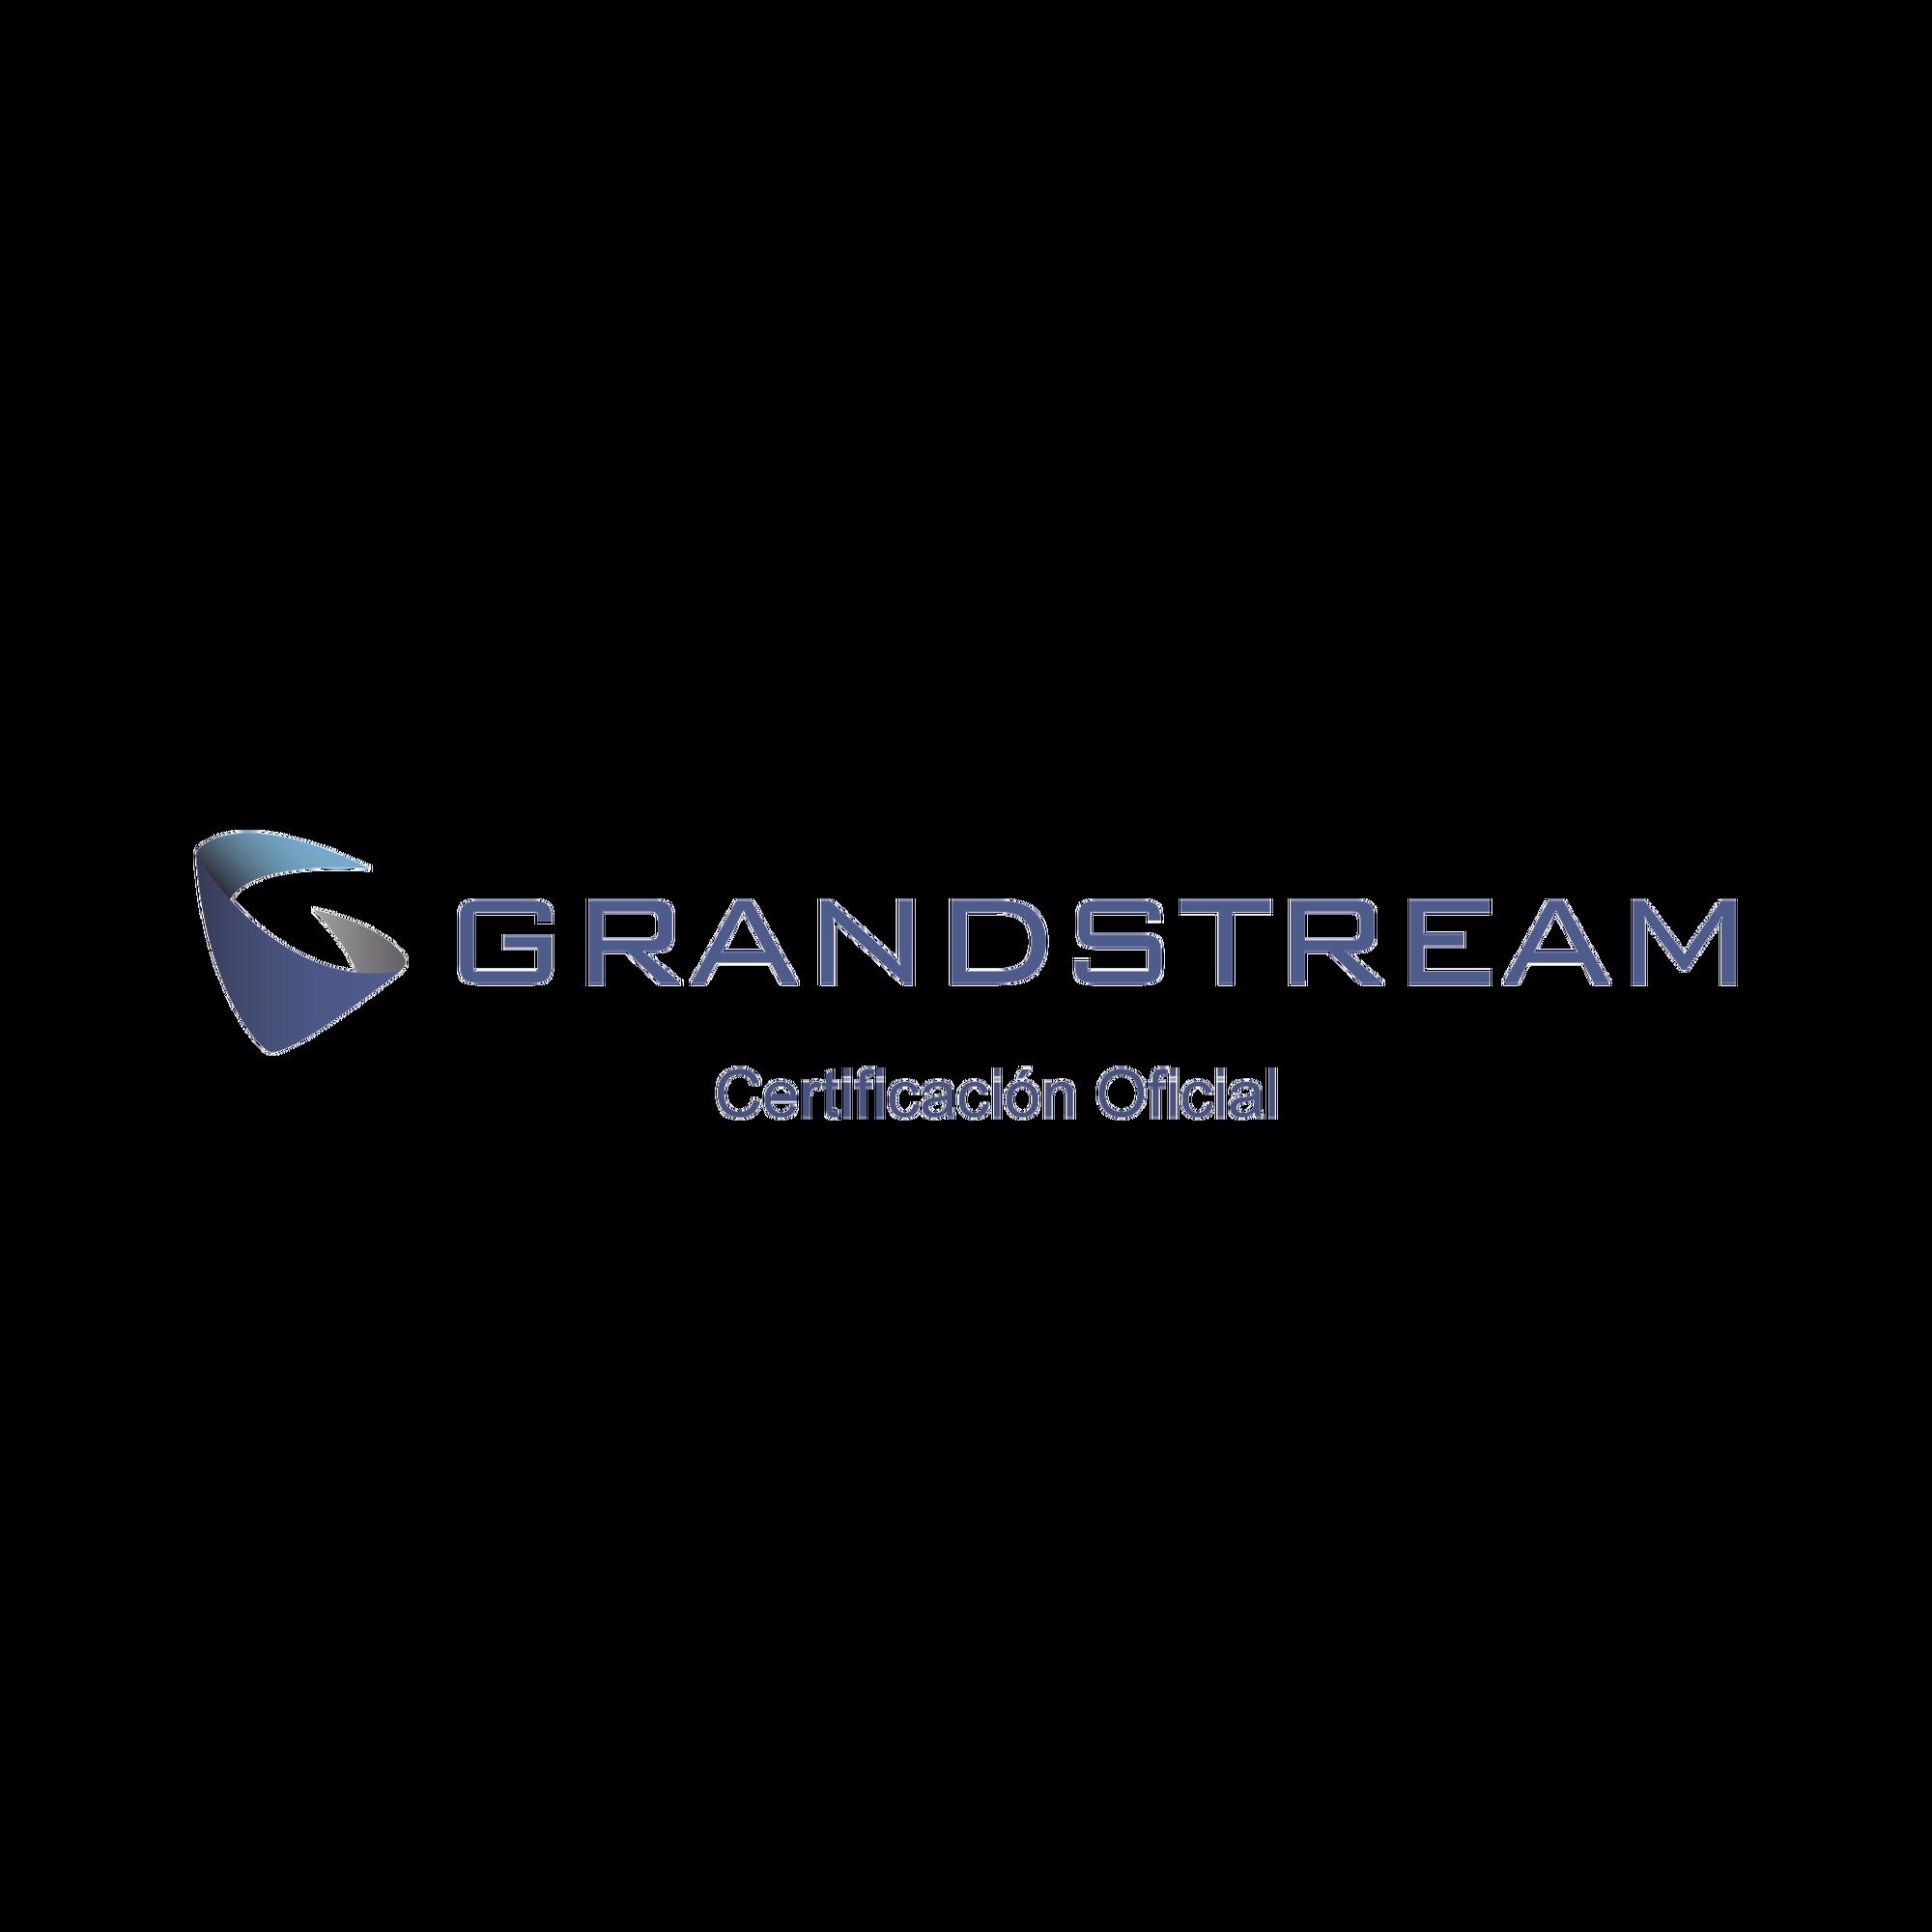 Certificación Oficial Grandstream para Implementación de Conmutadores IP